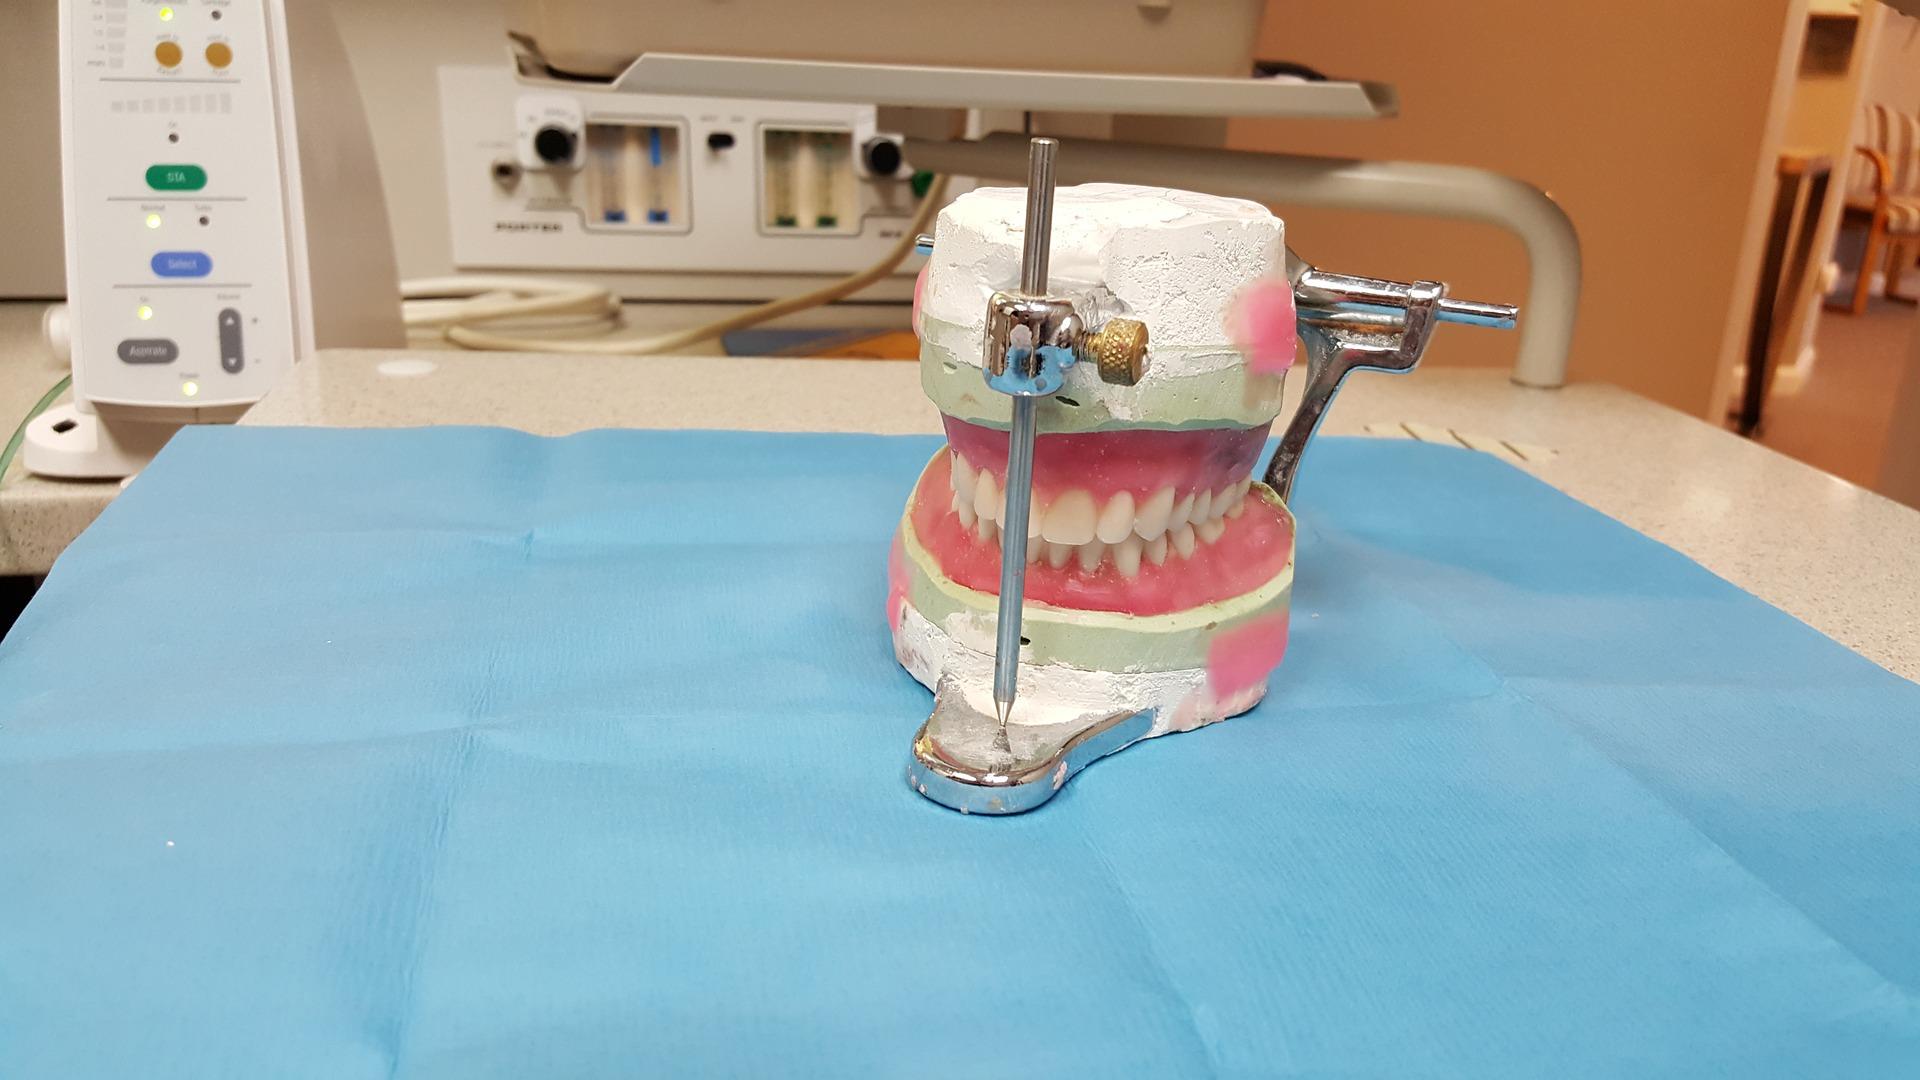 protezy akrylowe licowe częściowe całkowite